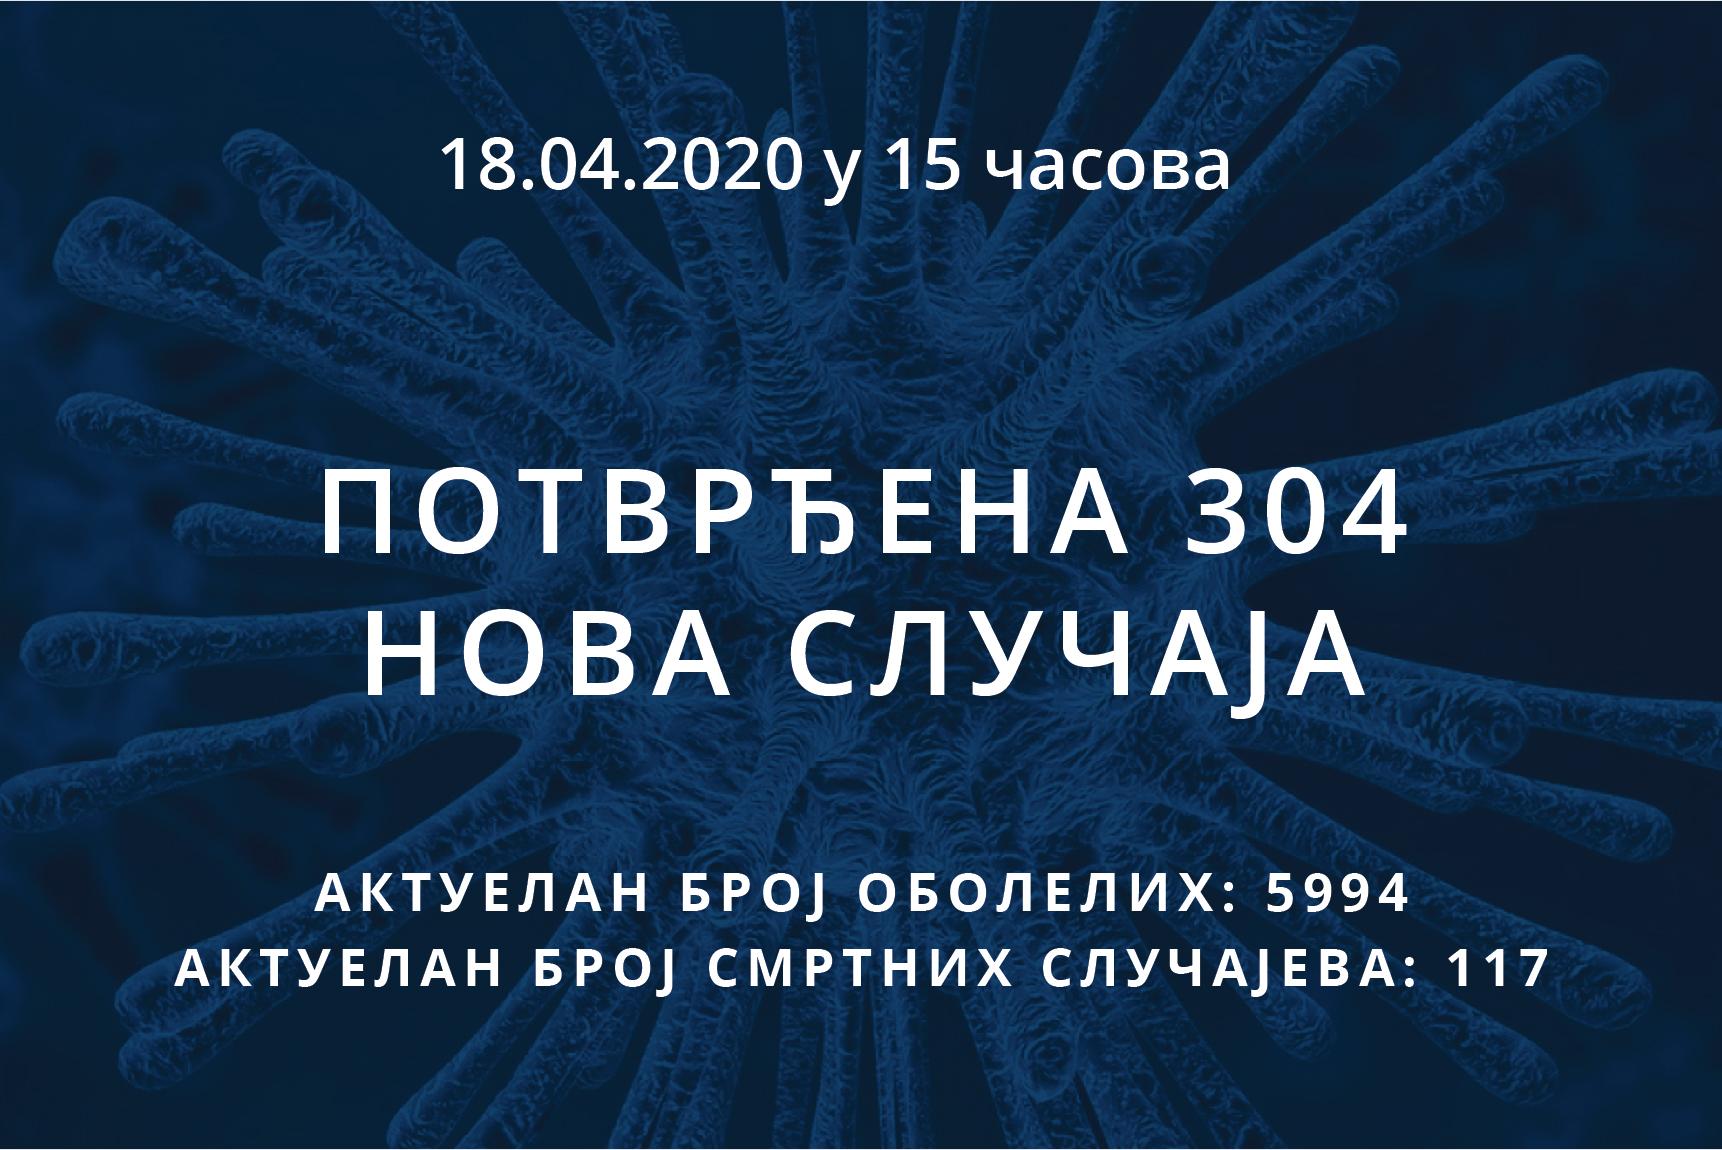 Информације о корона вирусу COVID-19, 18.04.2020 у 15 часова